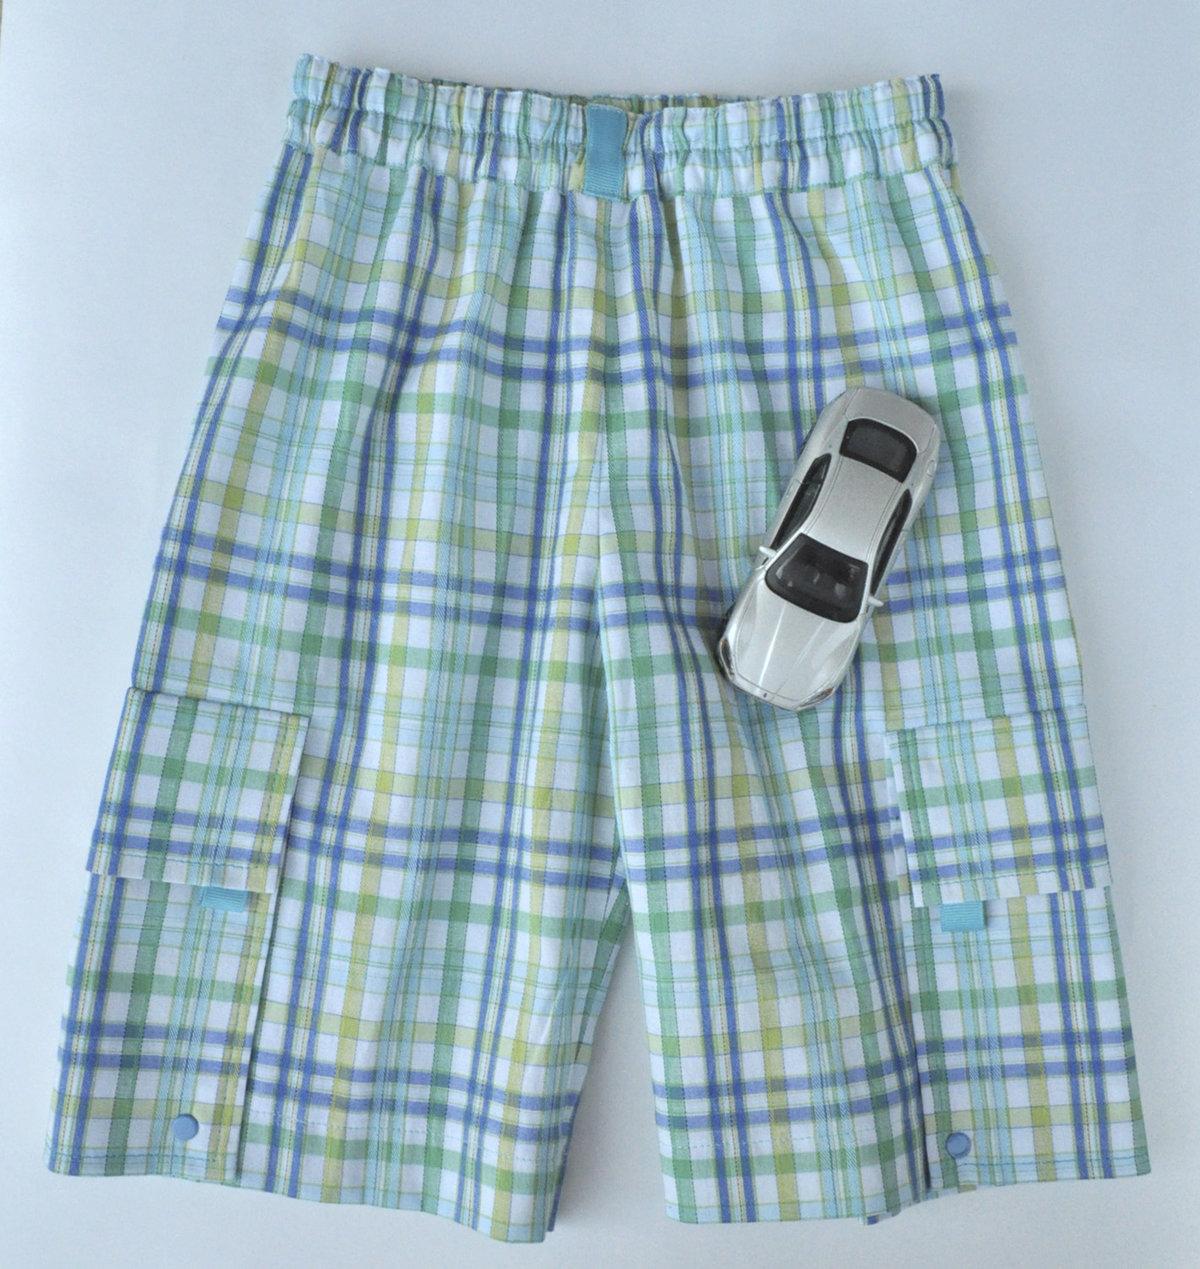 Как сшить шорты с накладными карманами XL Мастер-классы 28